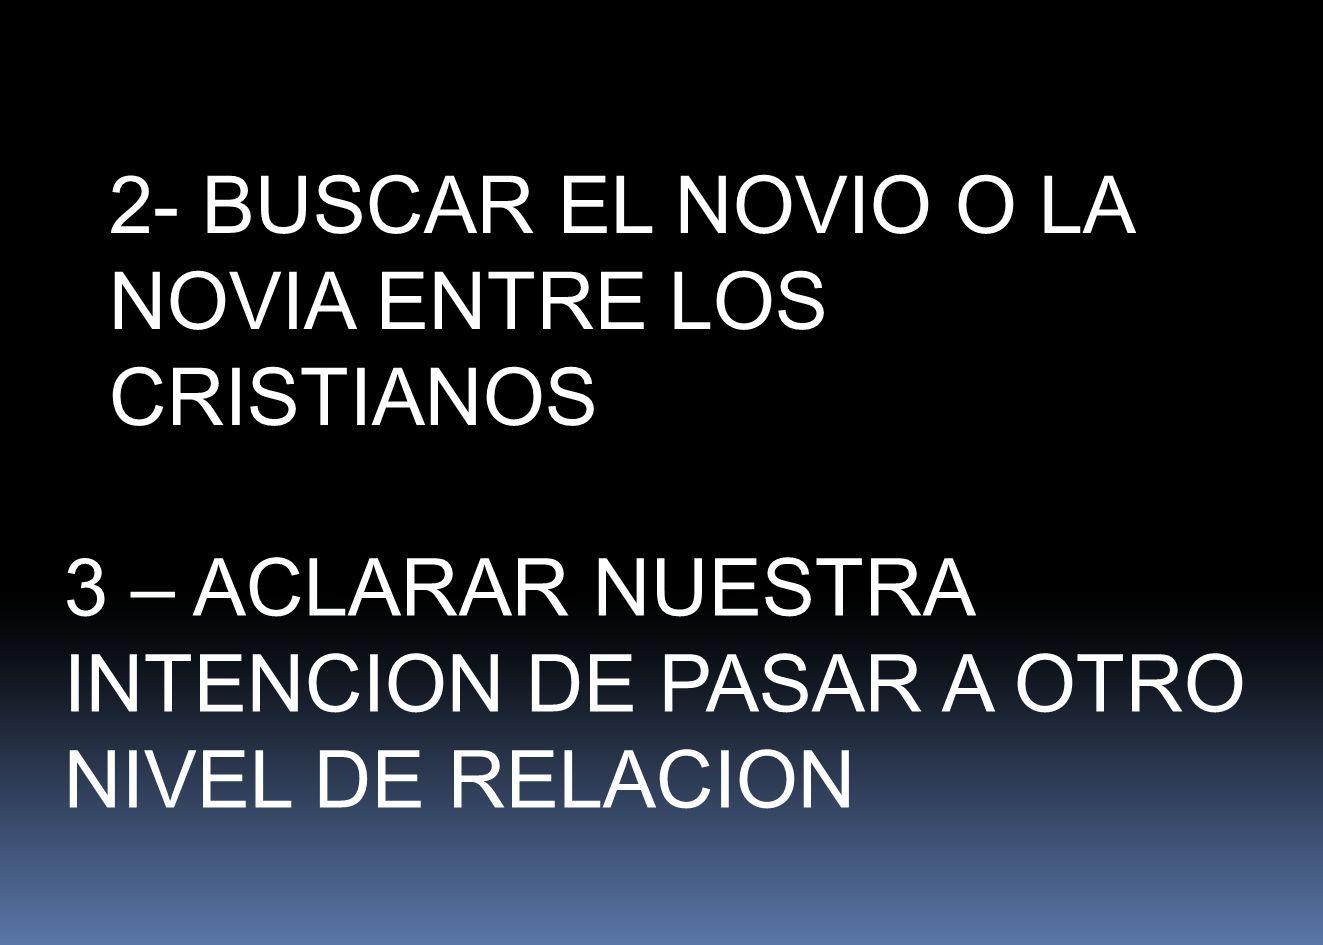 2- BUSCAR EL NOVIO O LA NOVIA ENTRE LOS CRISTIANOS